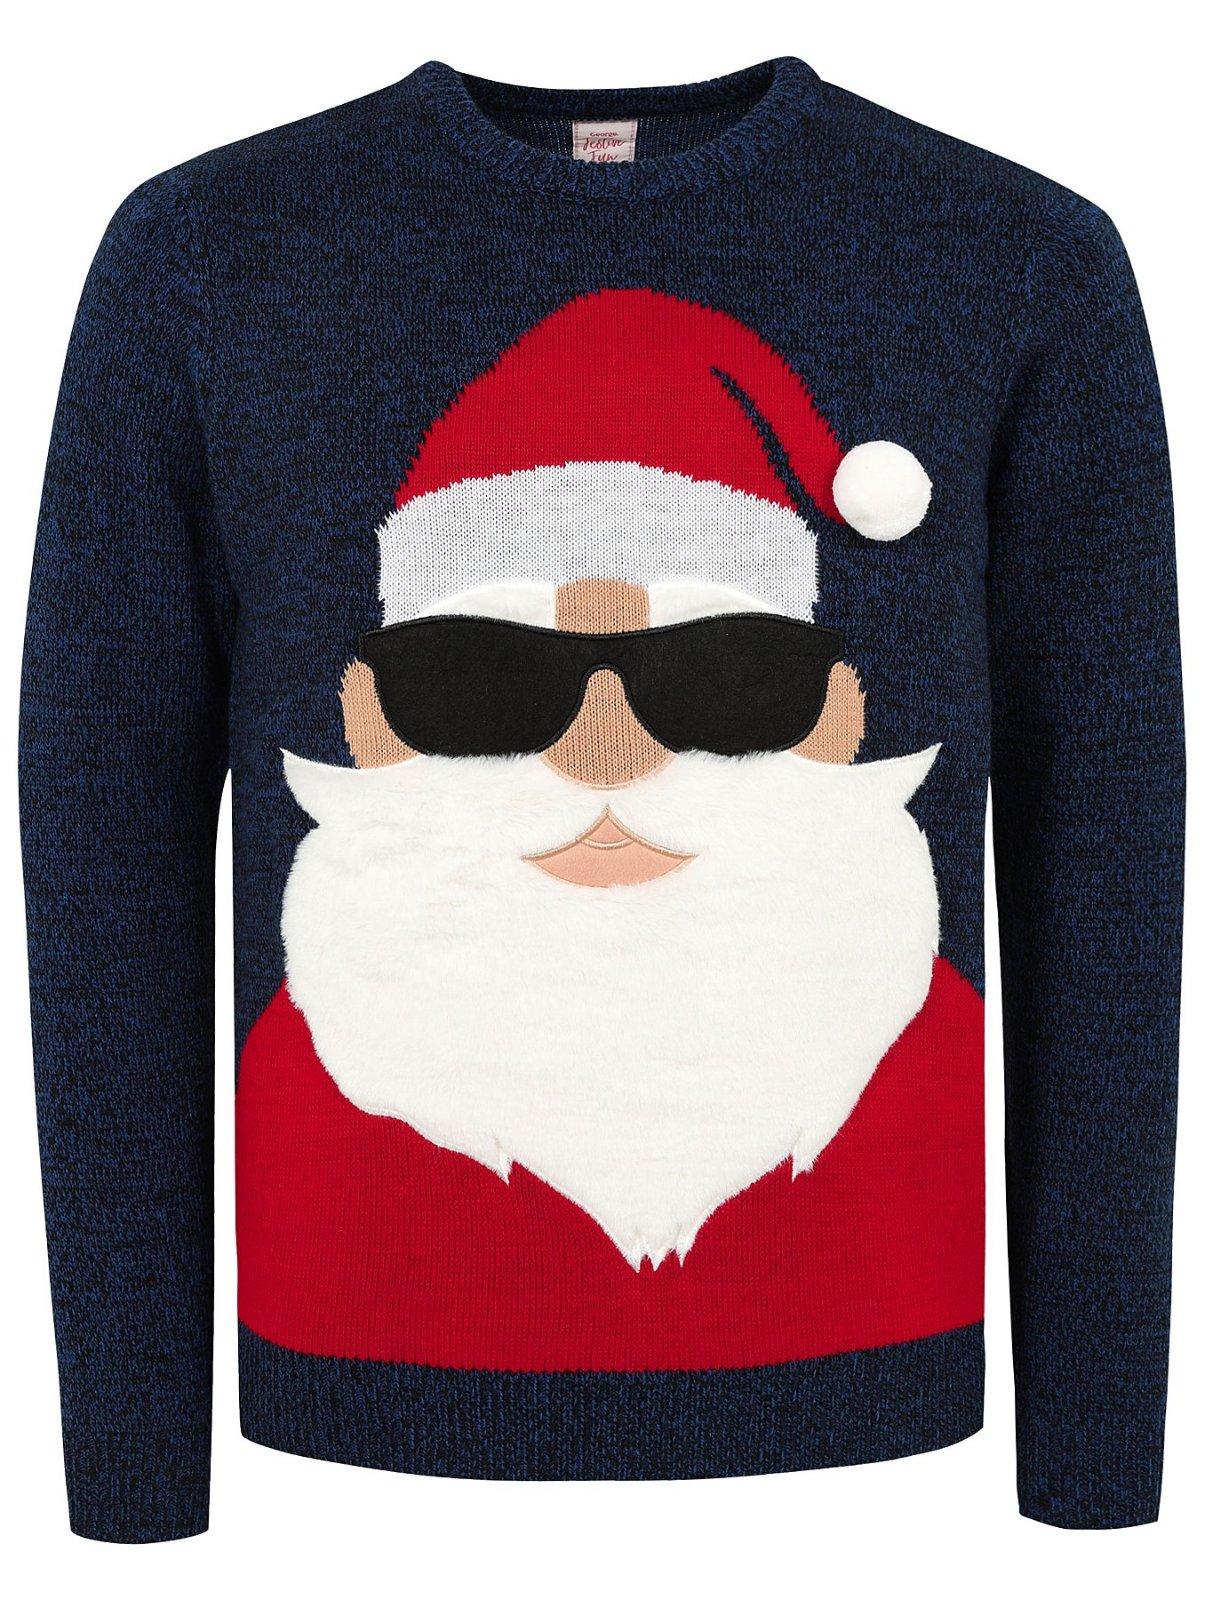 8580f6cb7e06 George pánsky vianočný sveter